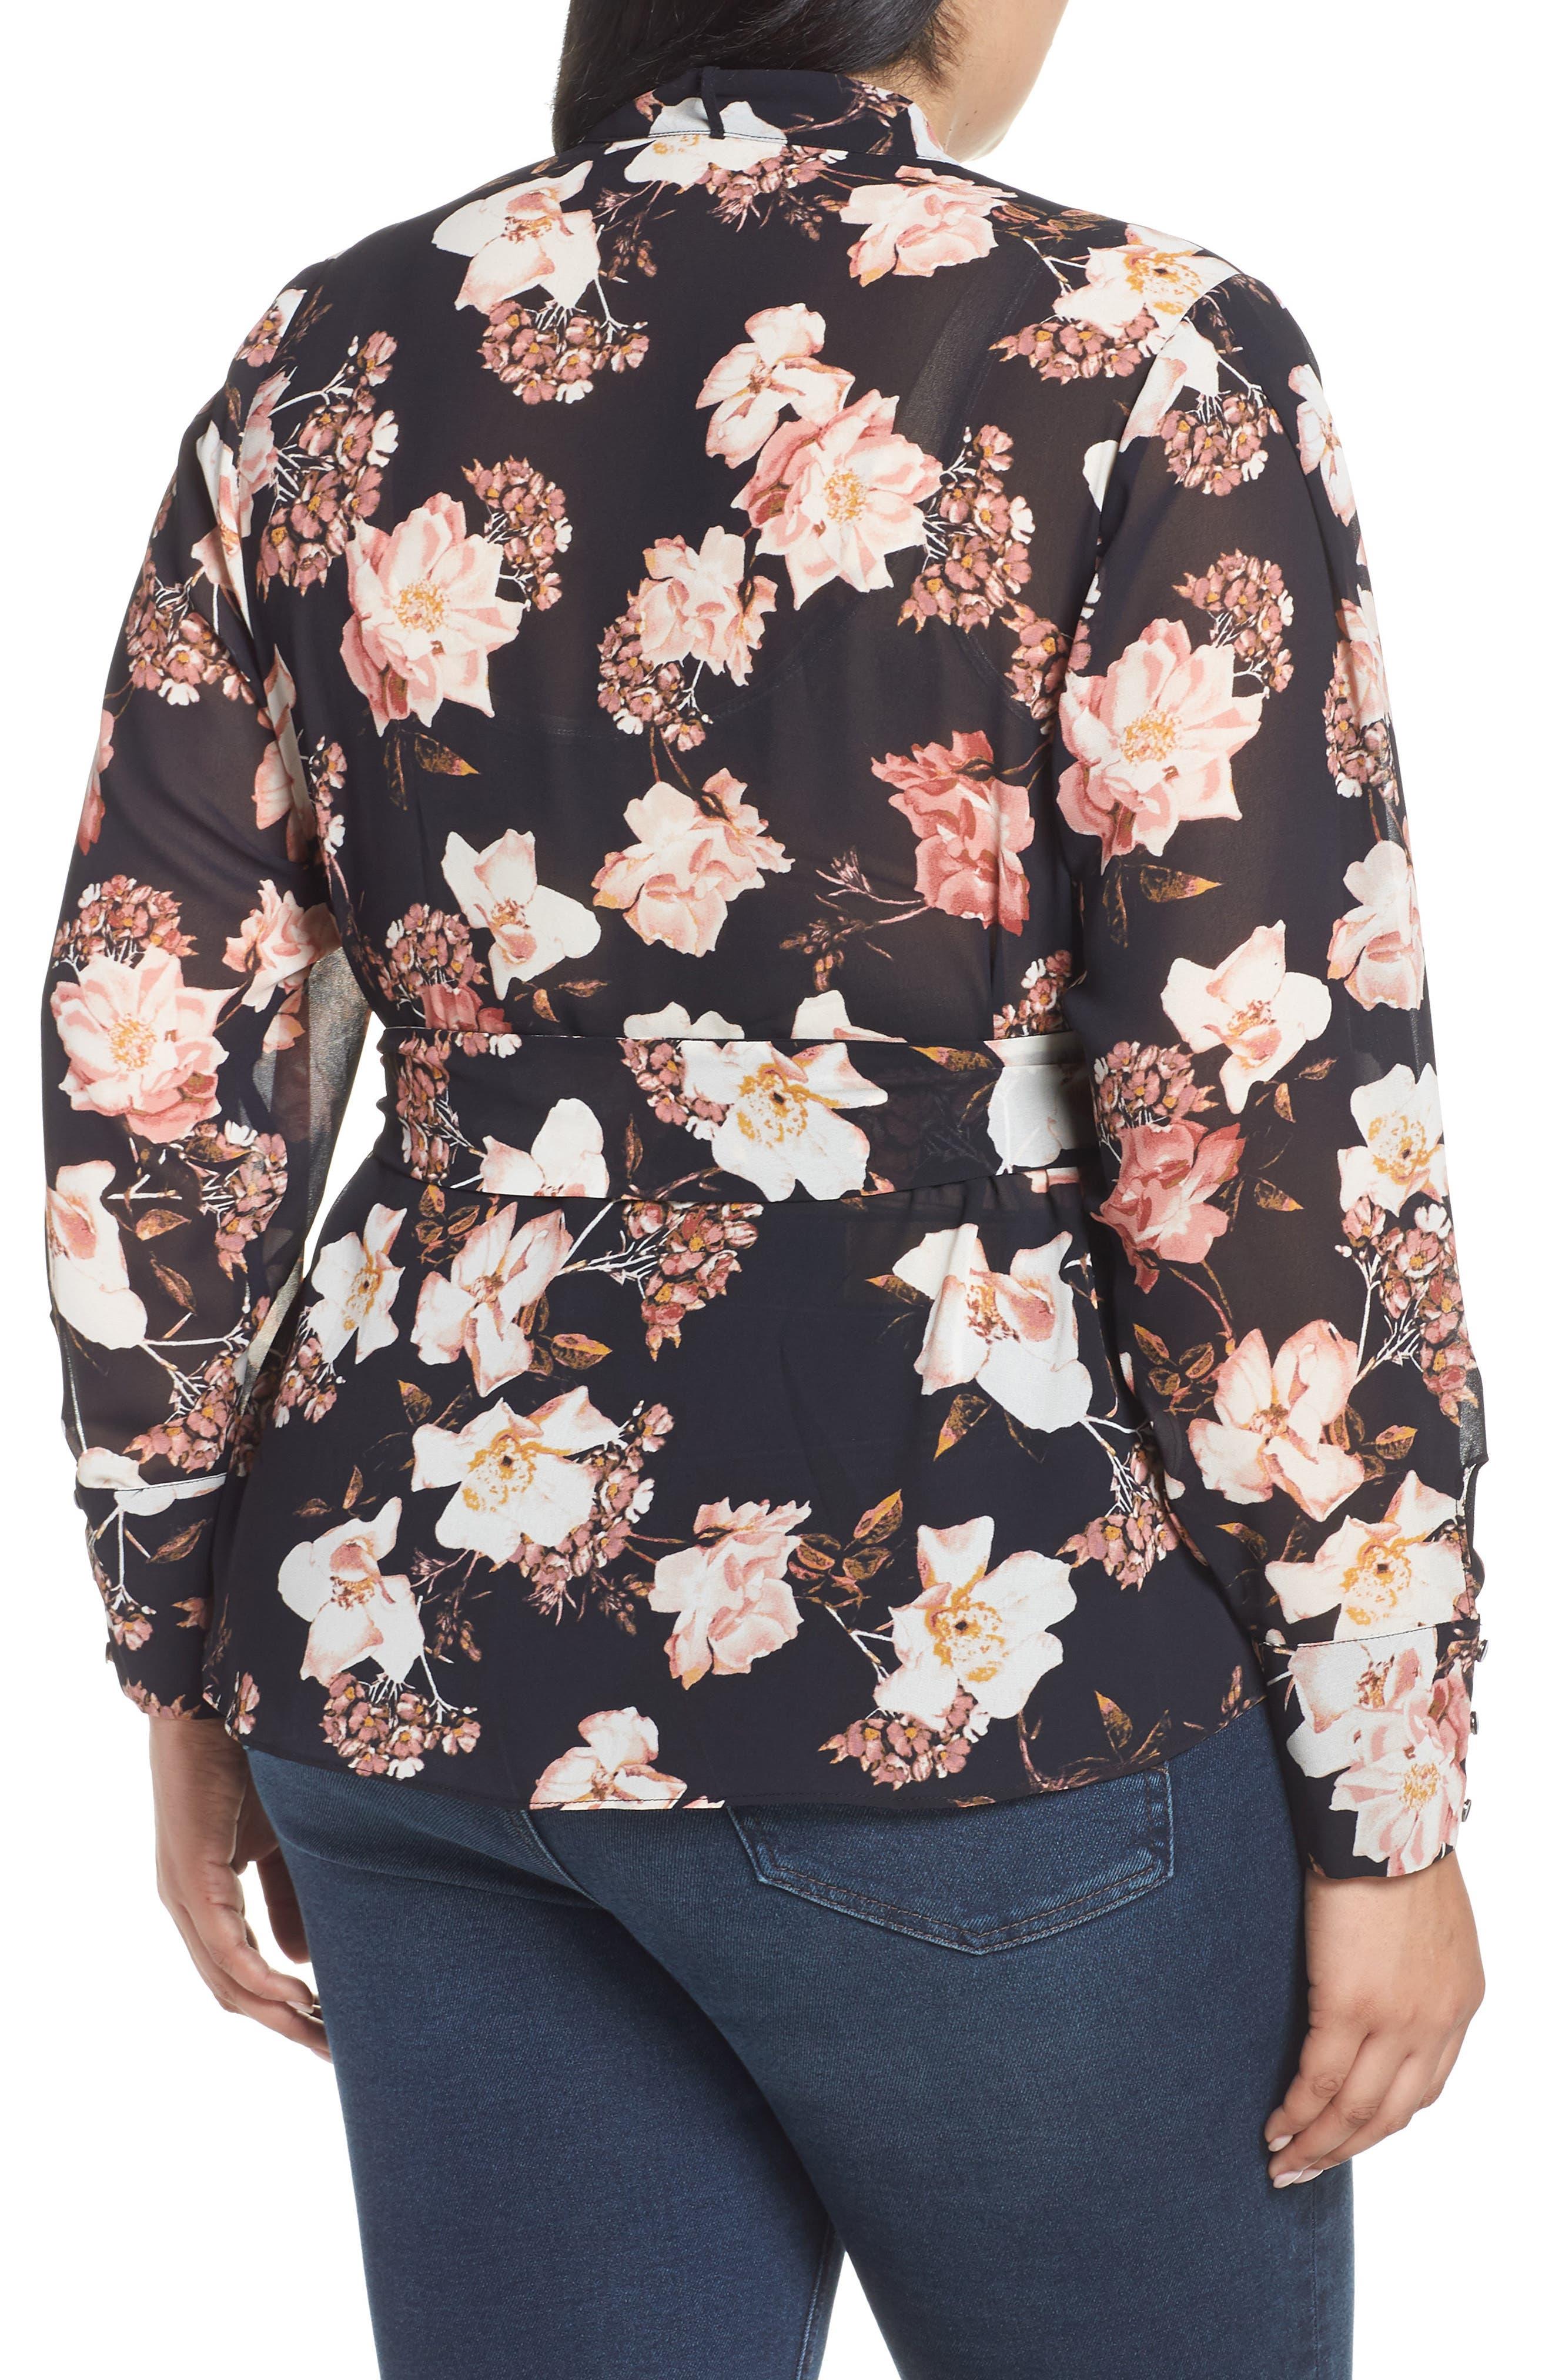 RACHEL ROY COLLECTION,                             Floral Tie Blouse,                             Alternate thumbnail 2, color,                             BLACK COMBO